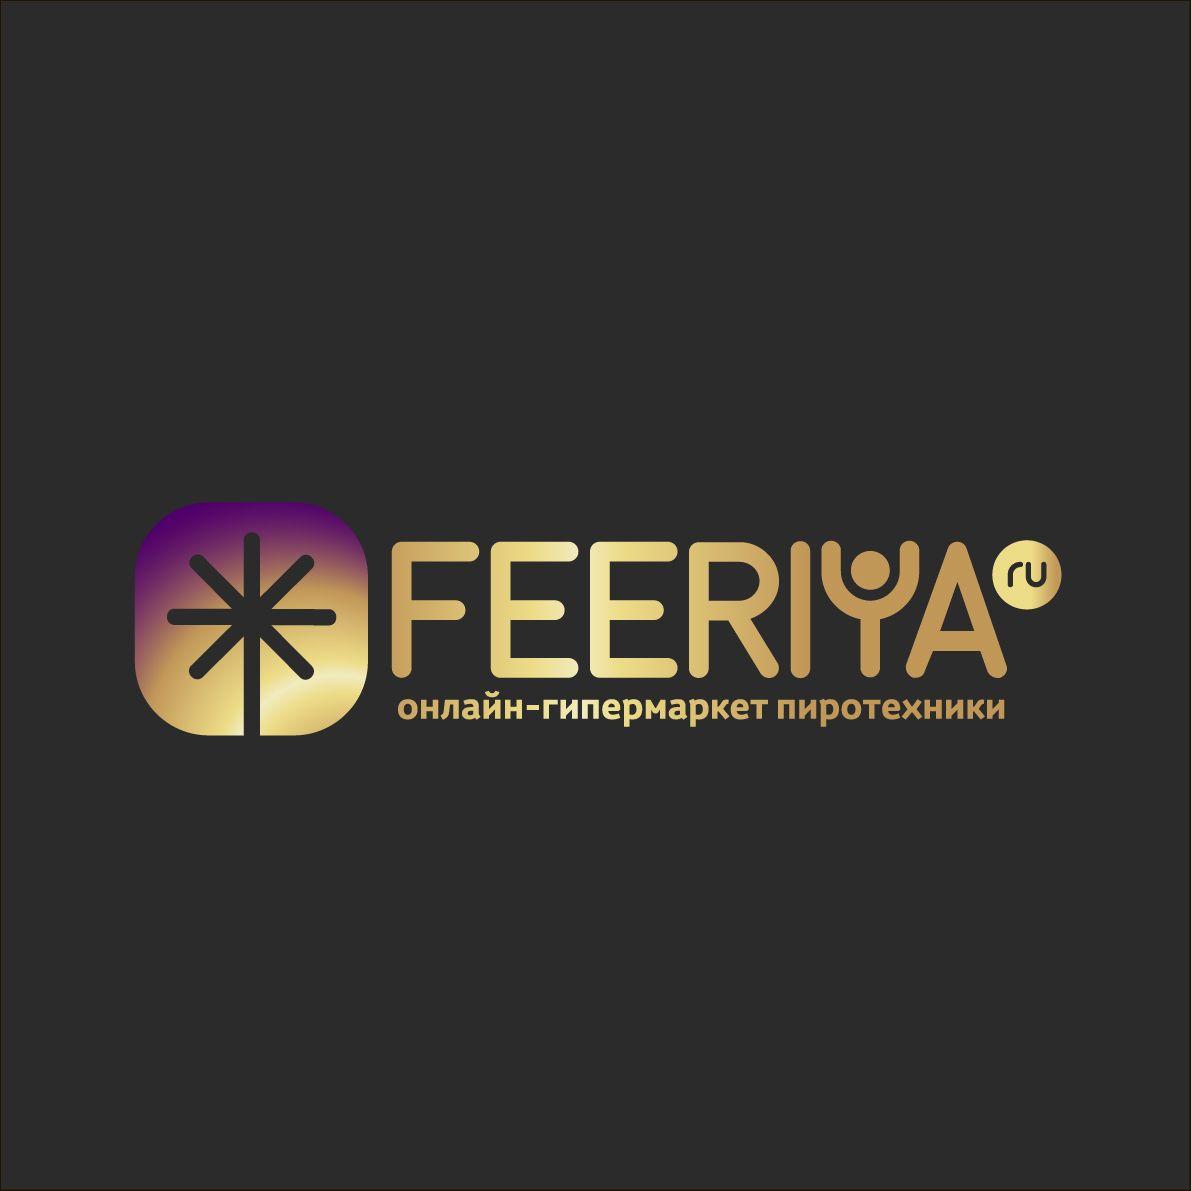 Логотип для feeriya.ru - дизайнер stakon